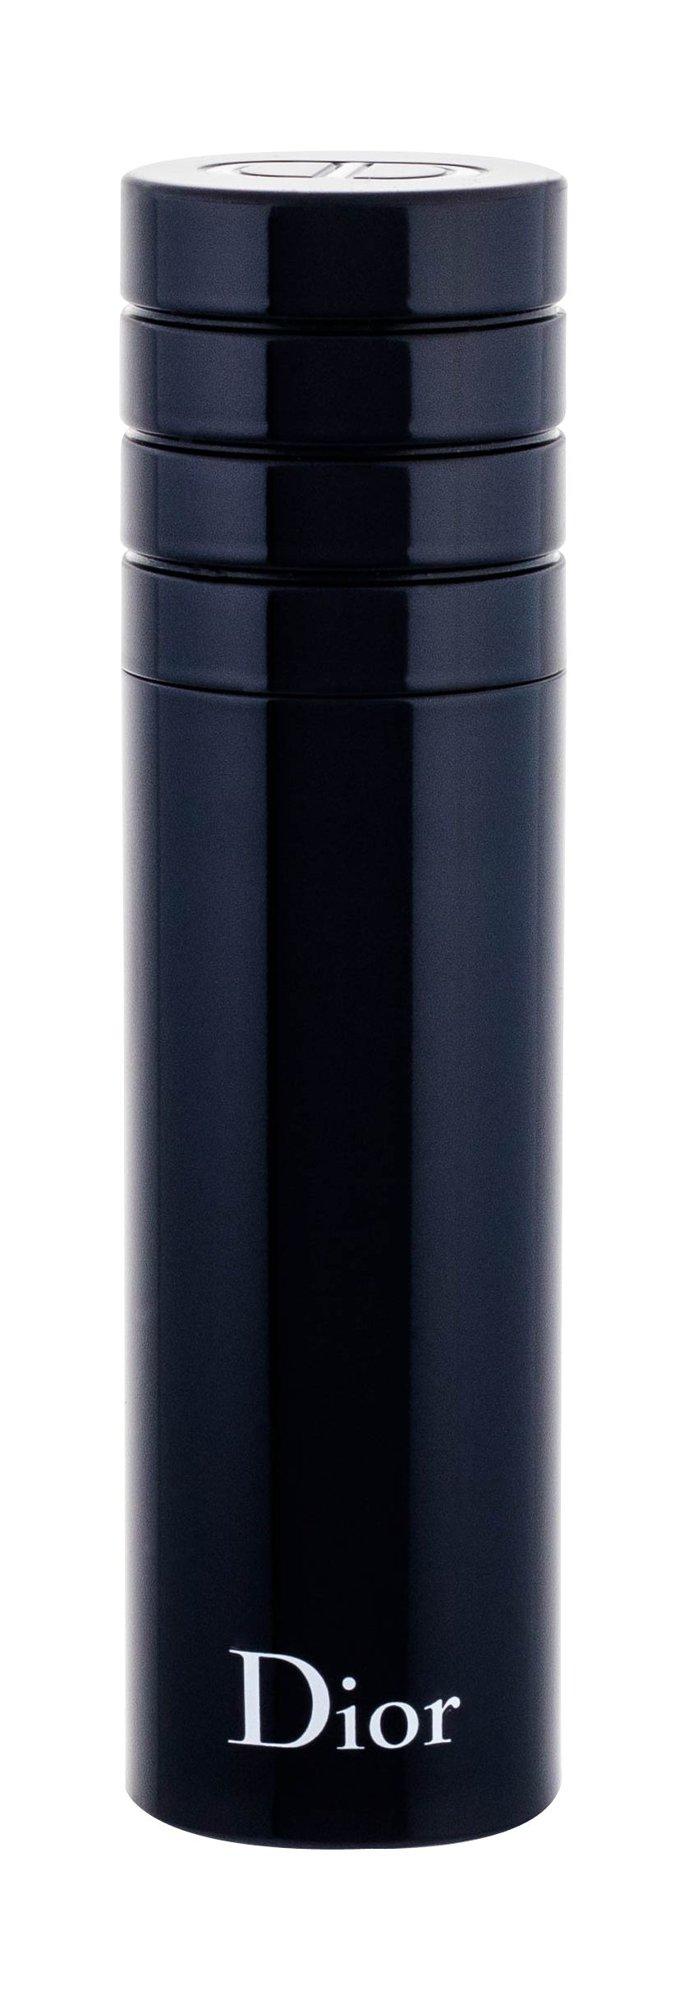 Christian Dior Sauvage, Toaletní voda 10ml, Naplniteľný